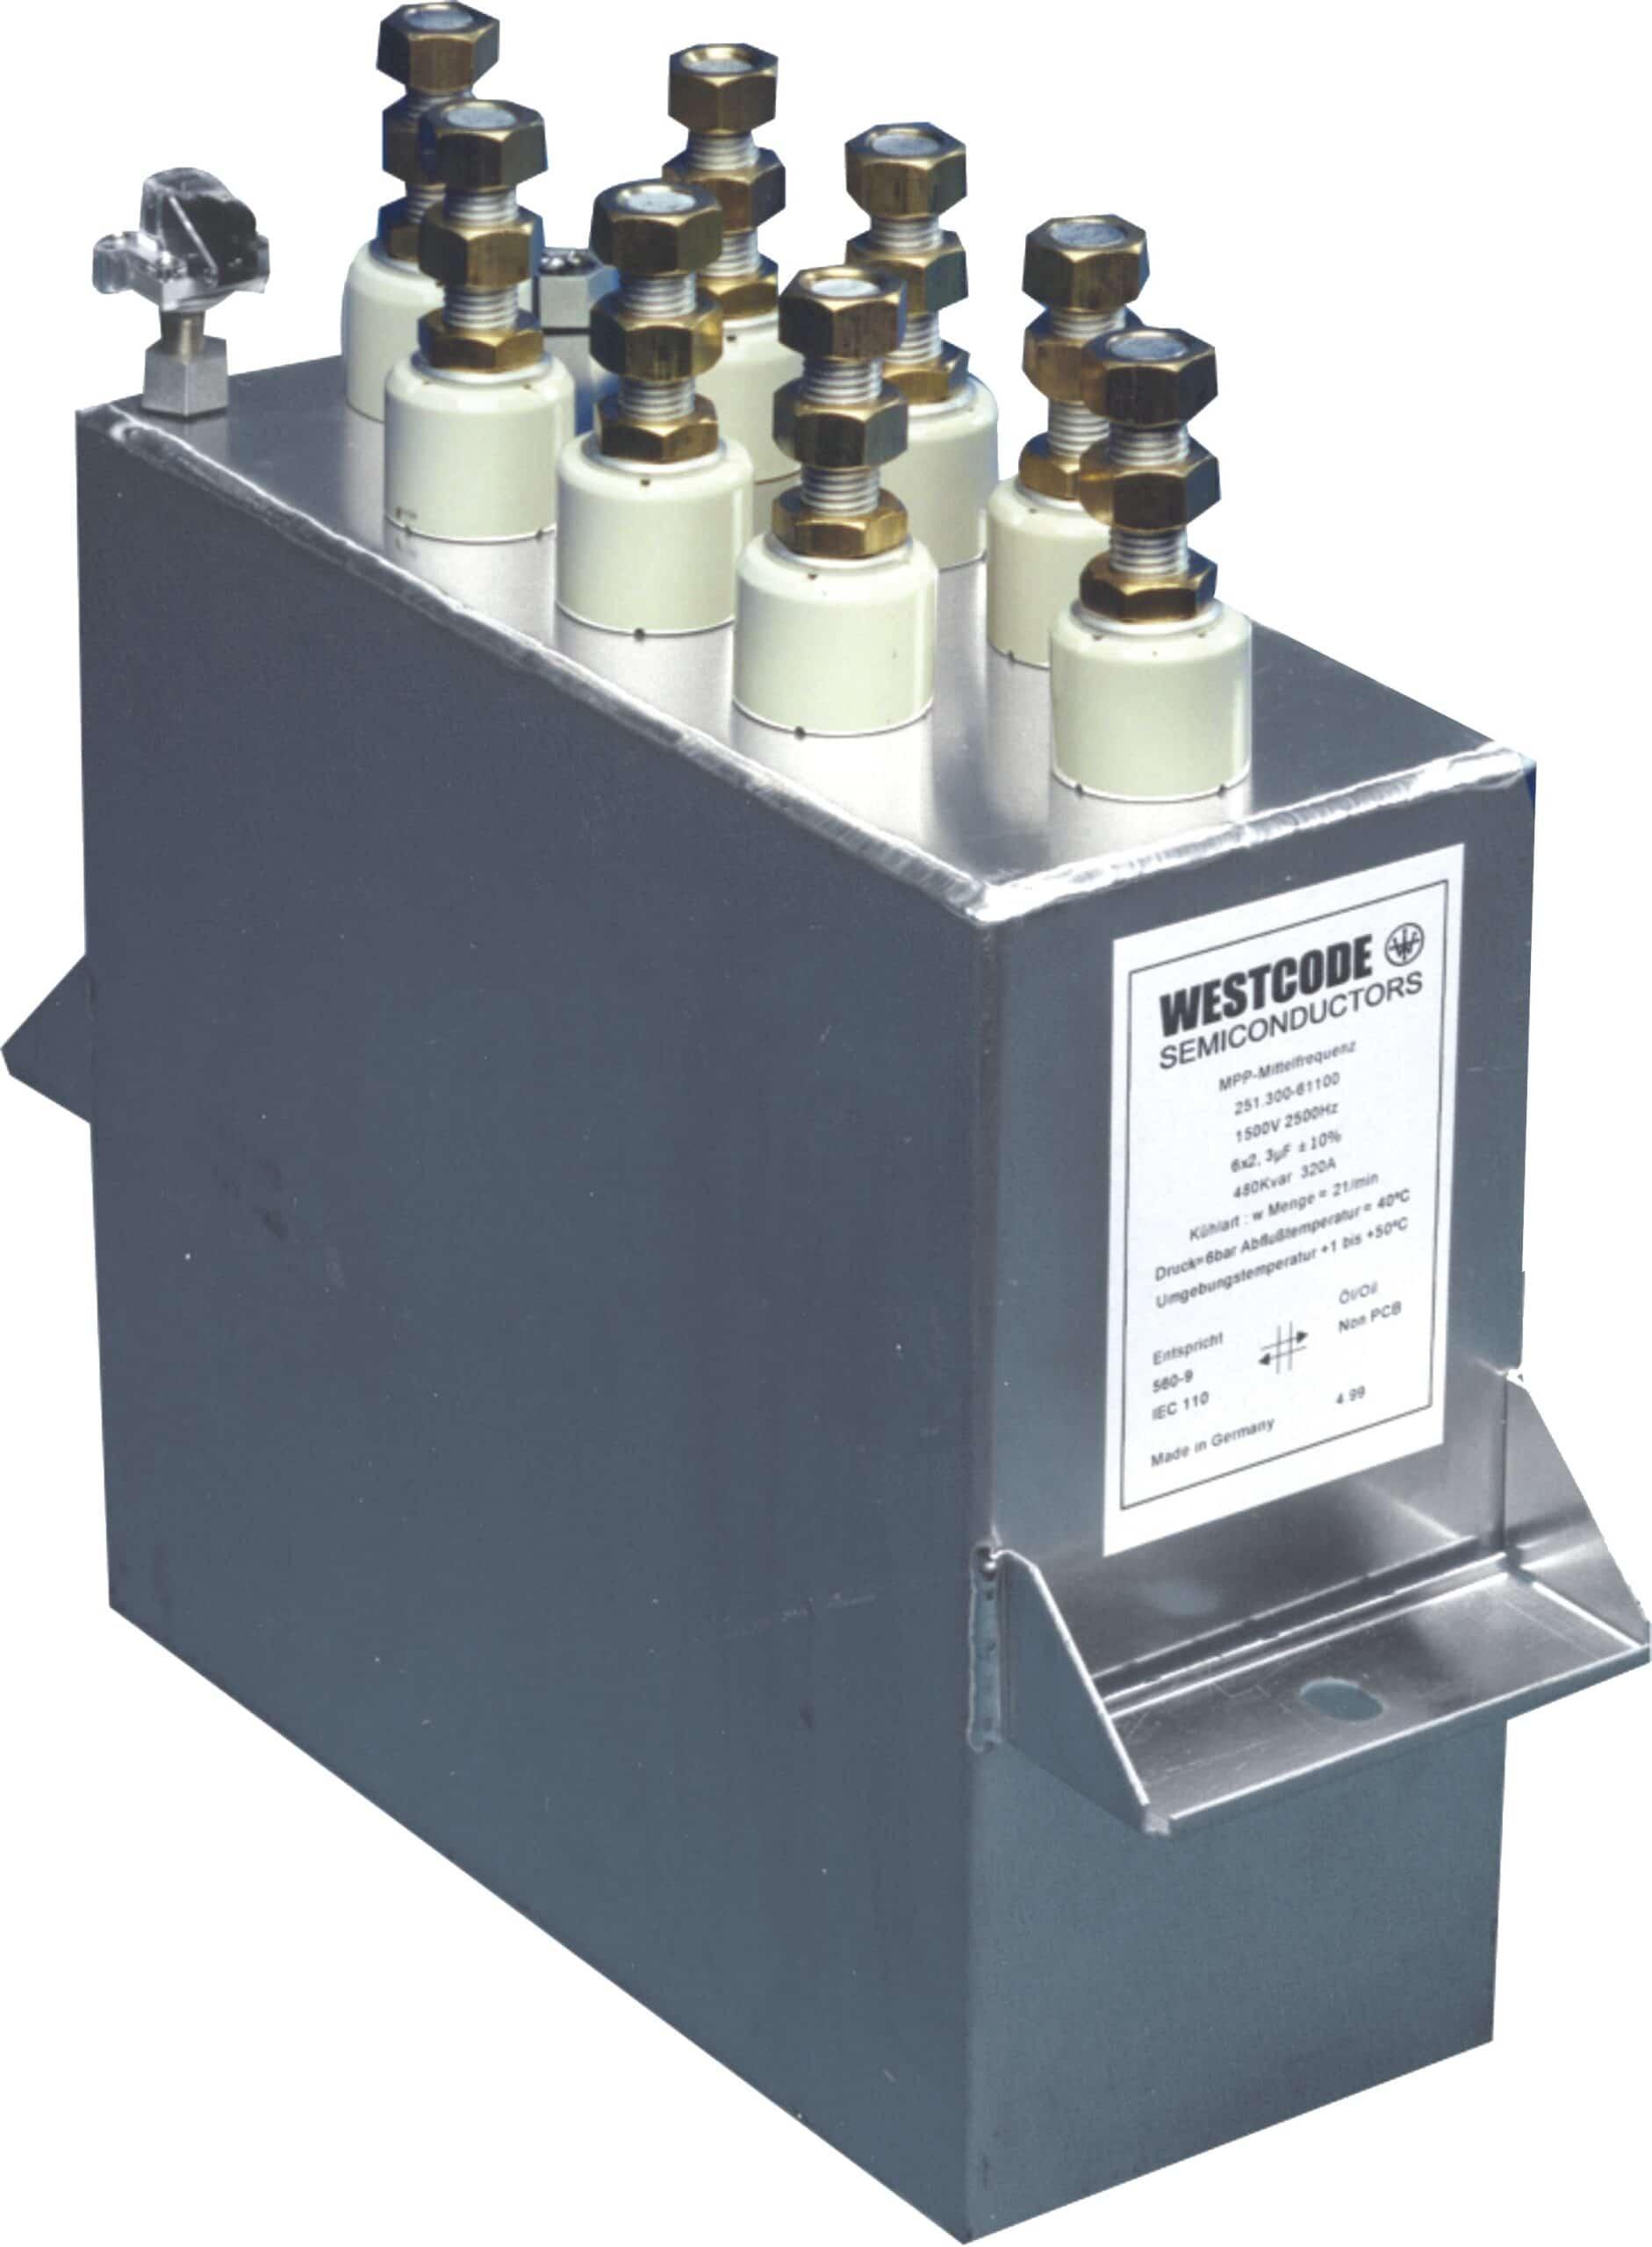 Foto 11 - Capacitor